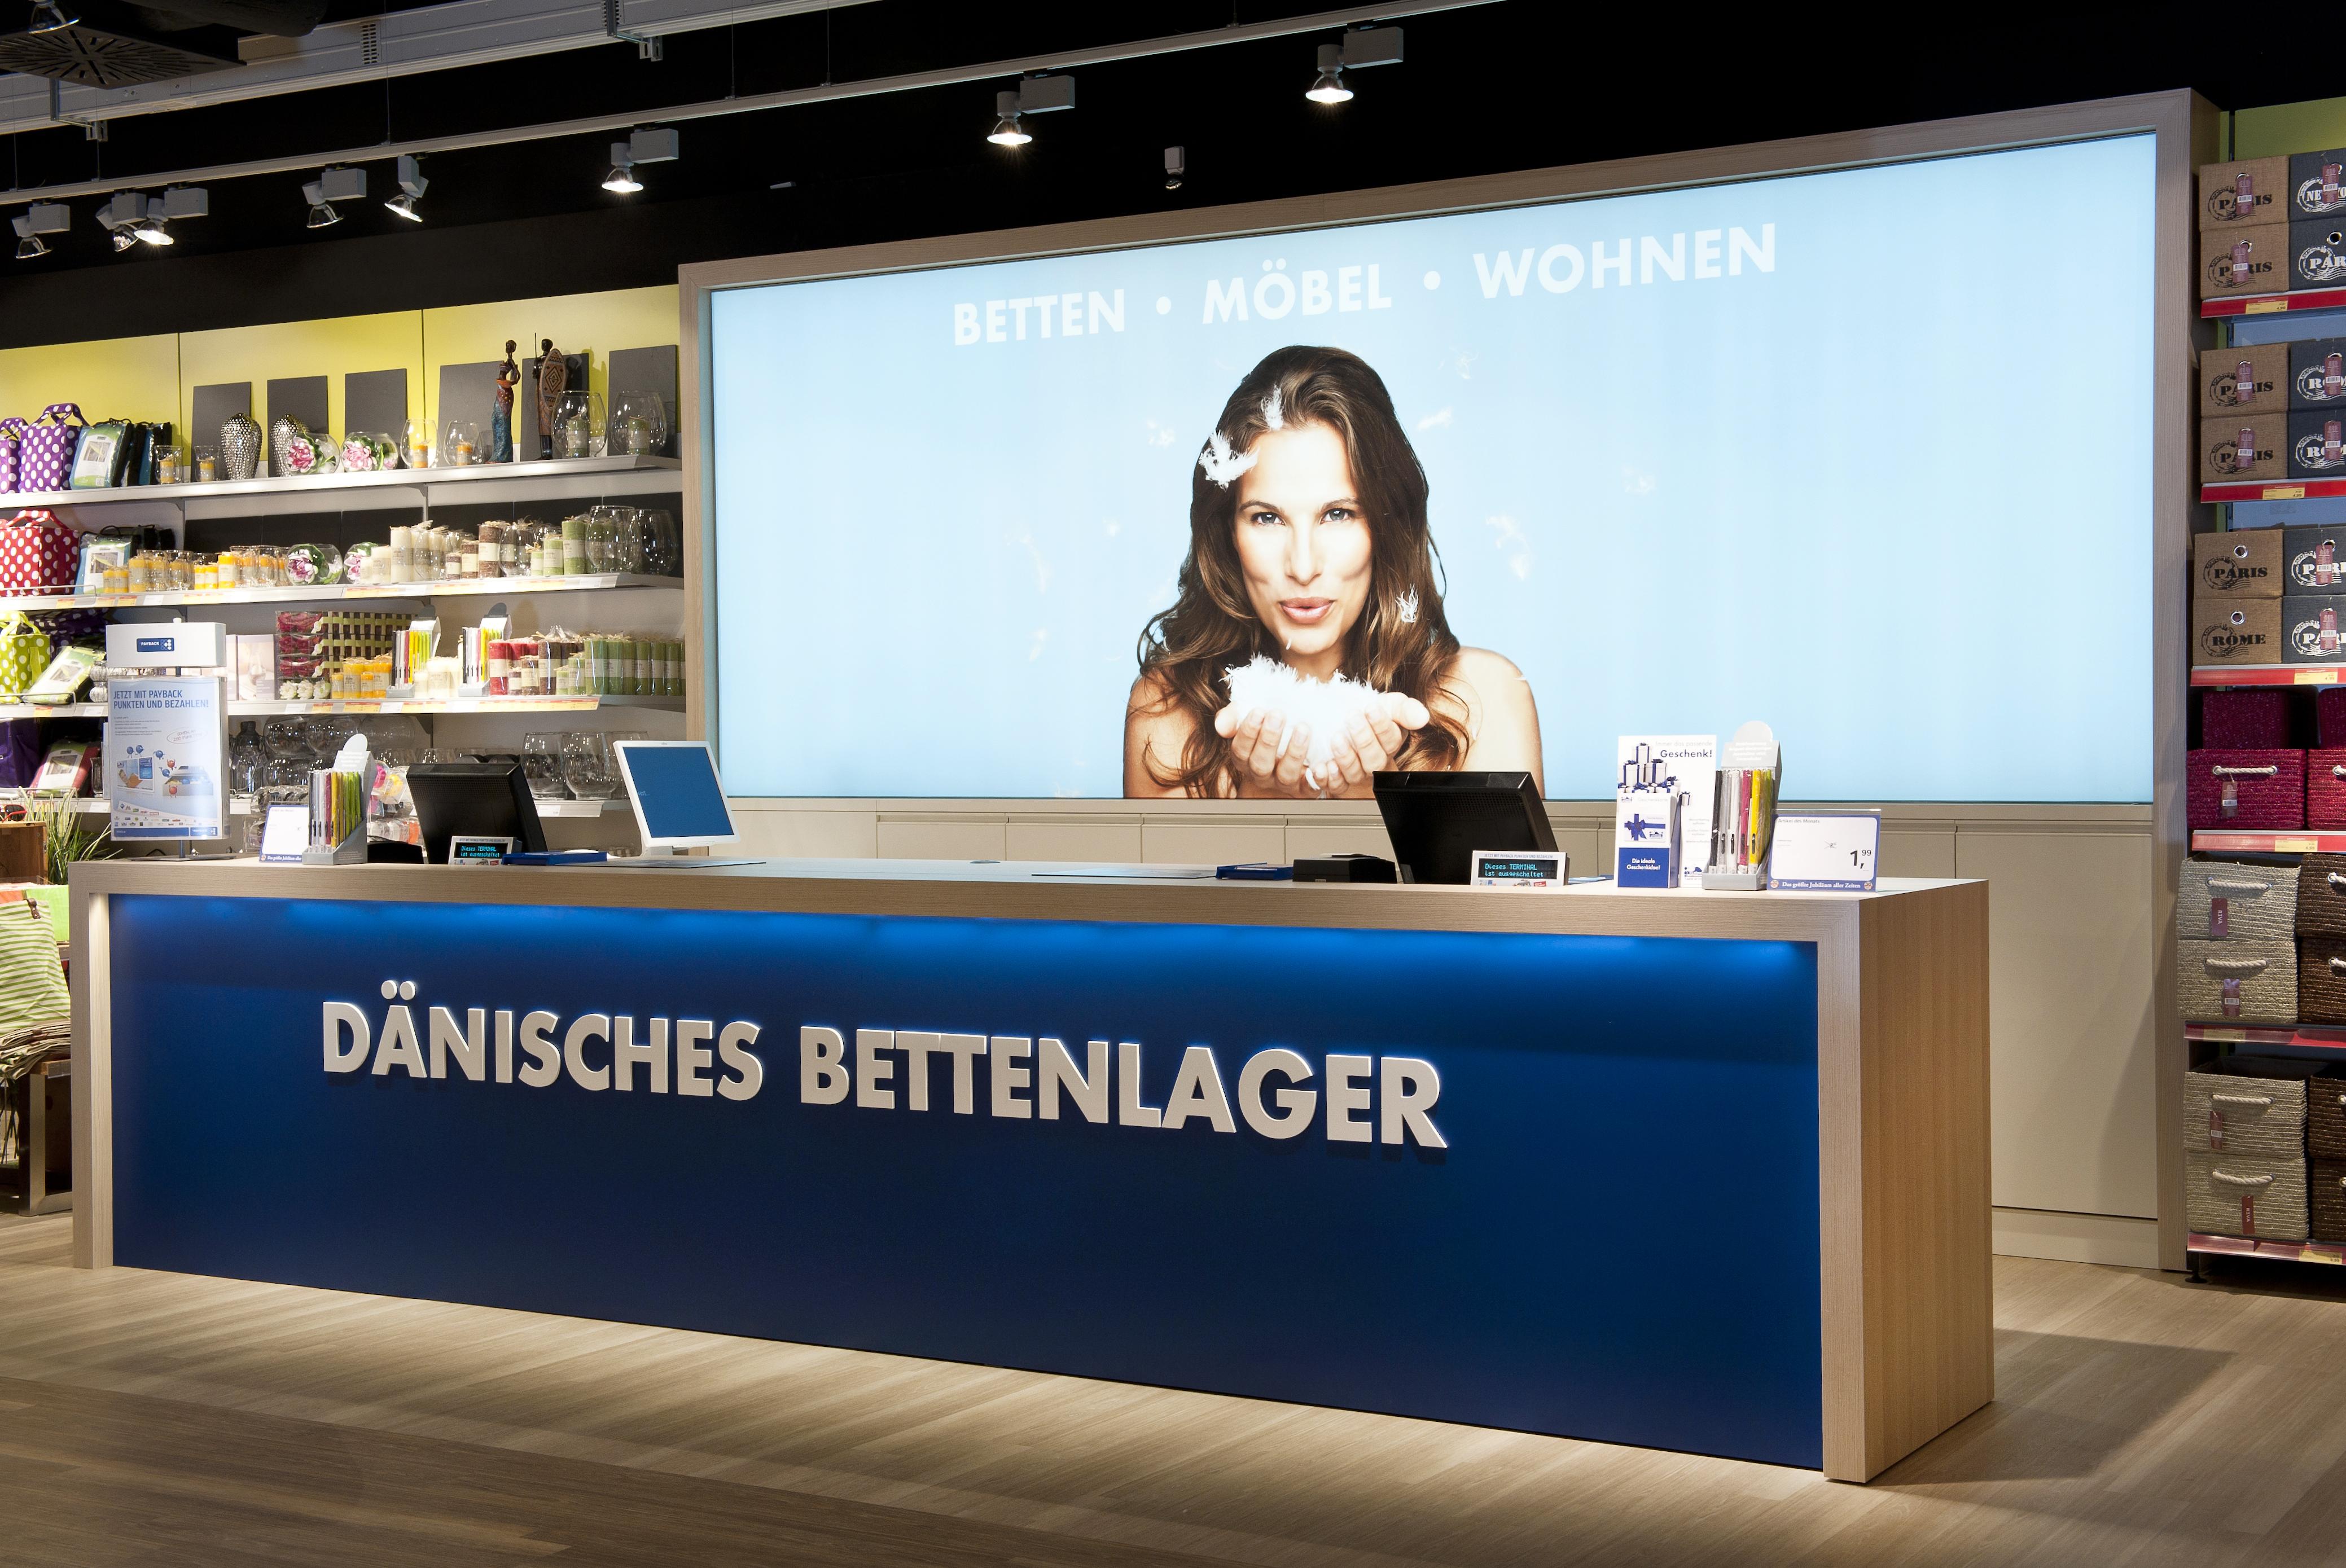 Danisches Bettenlager Neues Omninchannel Marketingkonzept